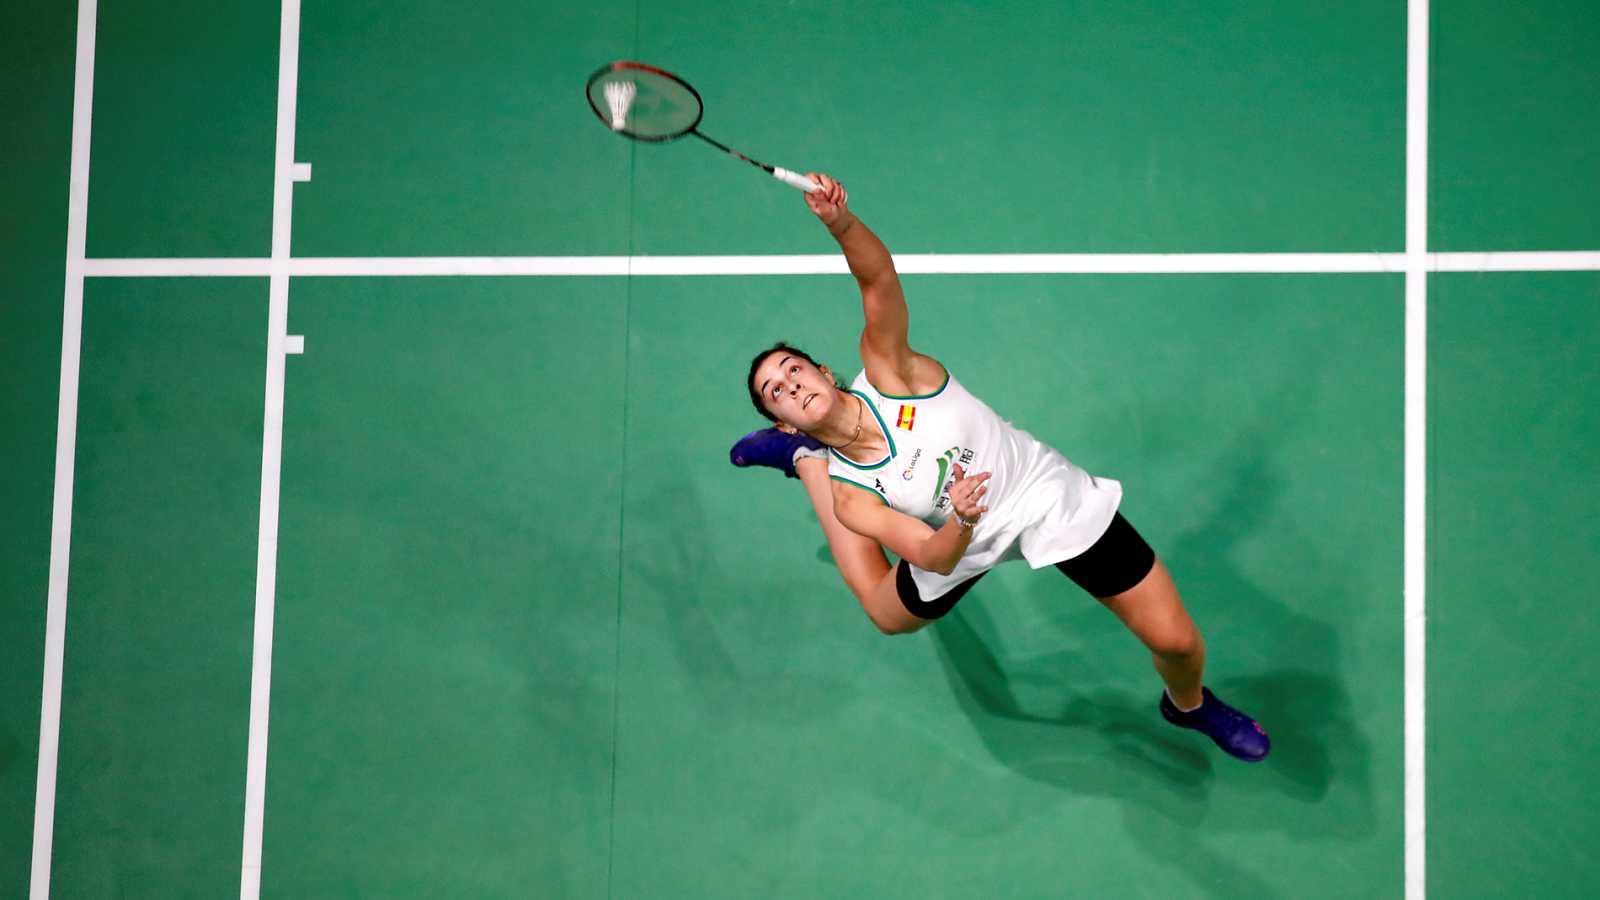 Vídeo: Los mejores puntos del partido entre Carolina Marín y Tai Tzu-Ying